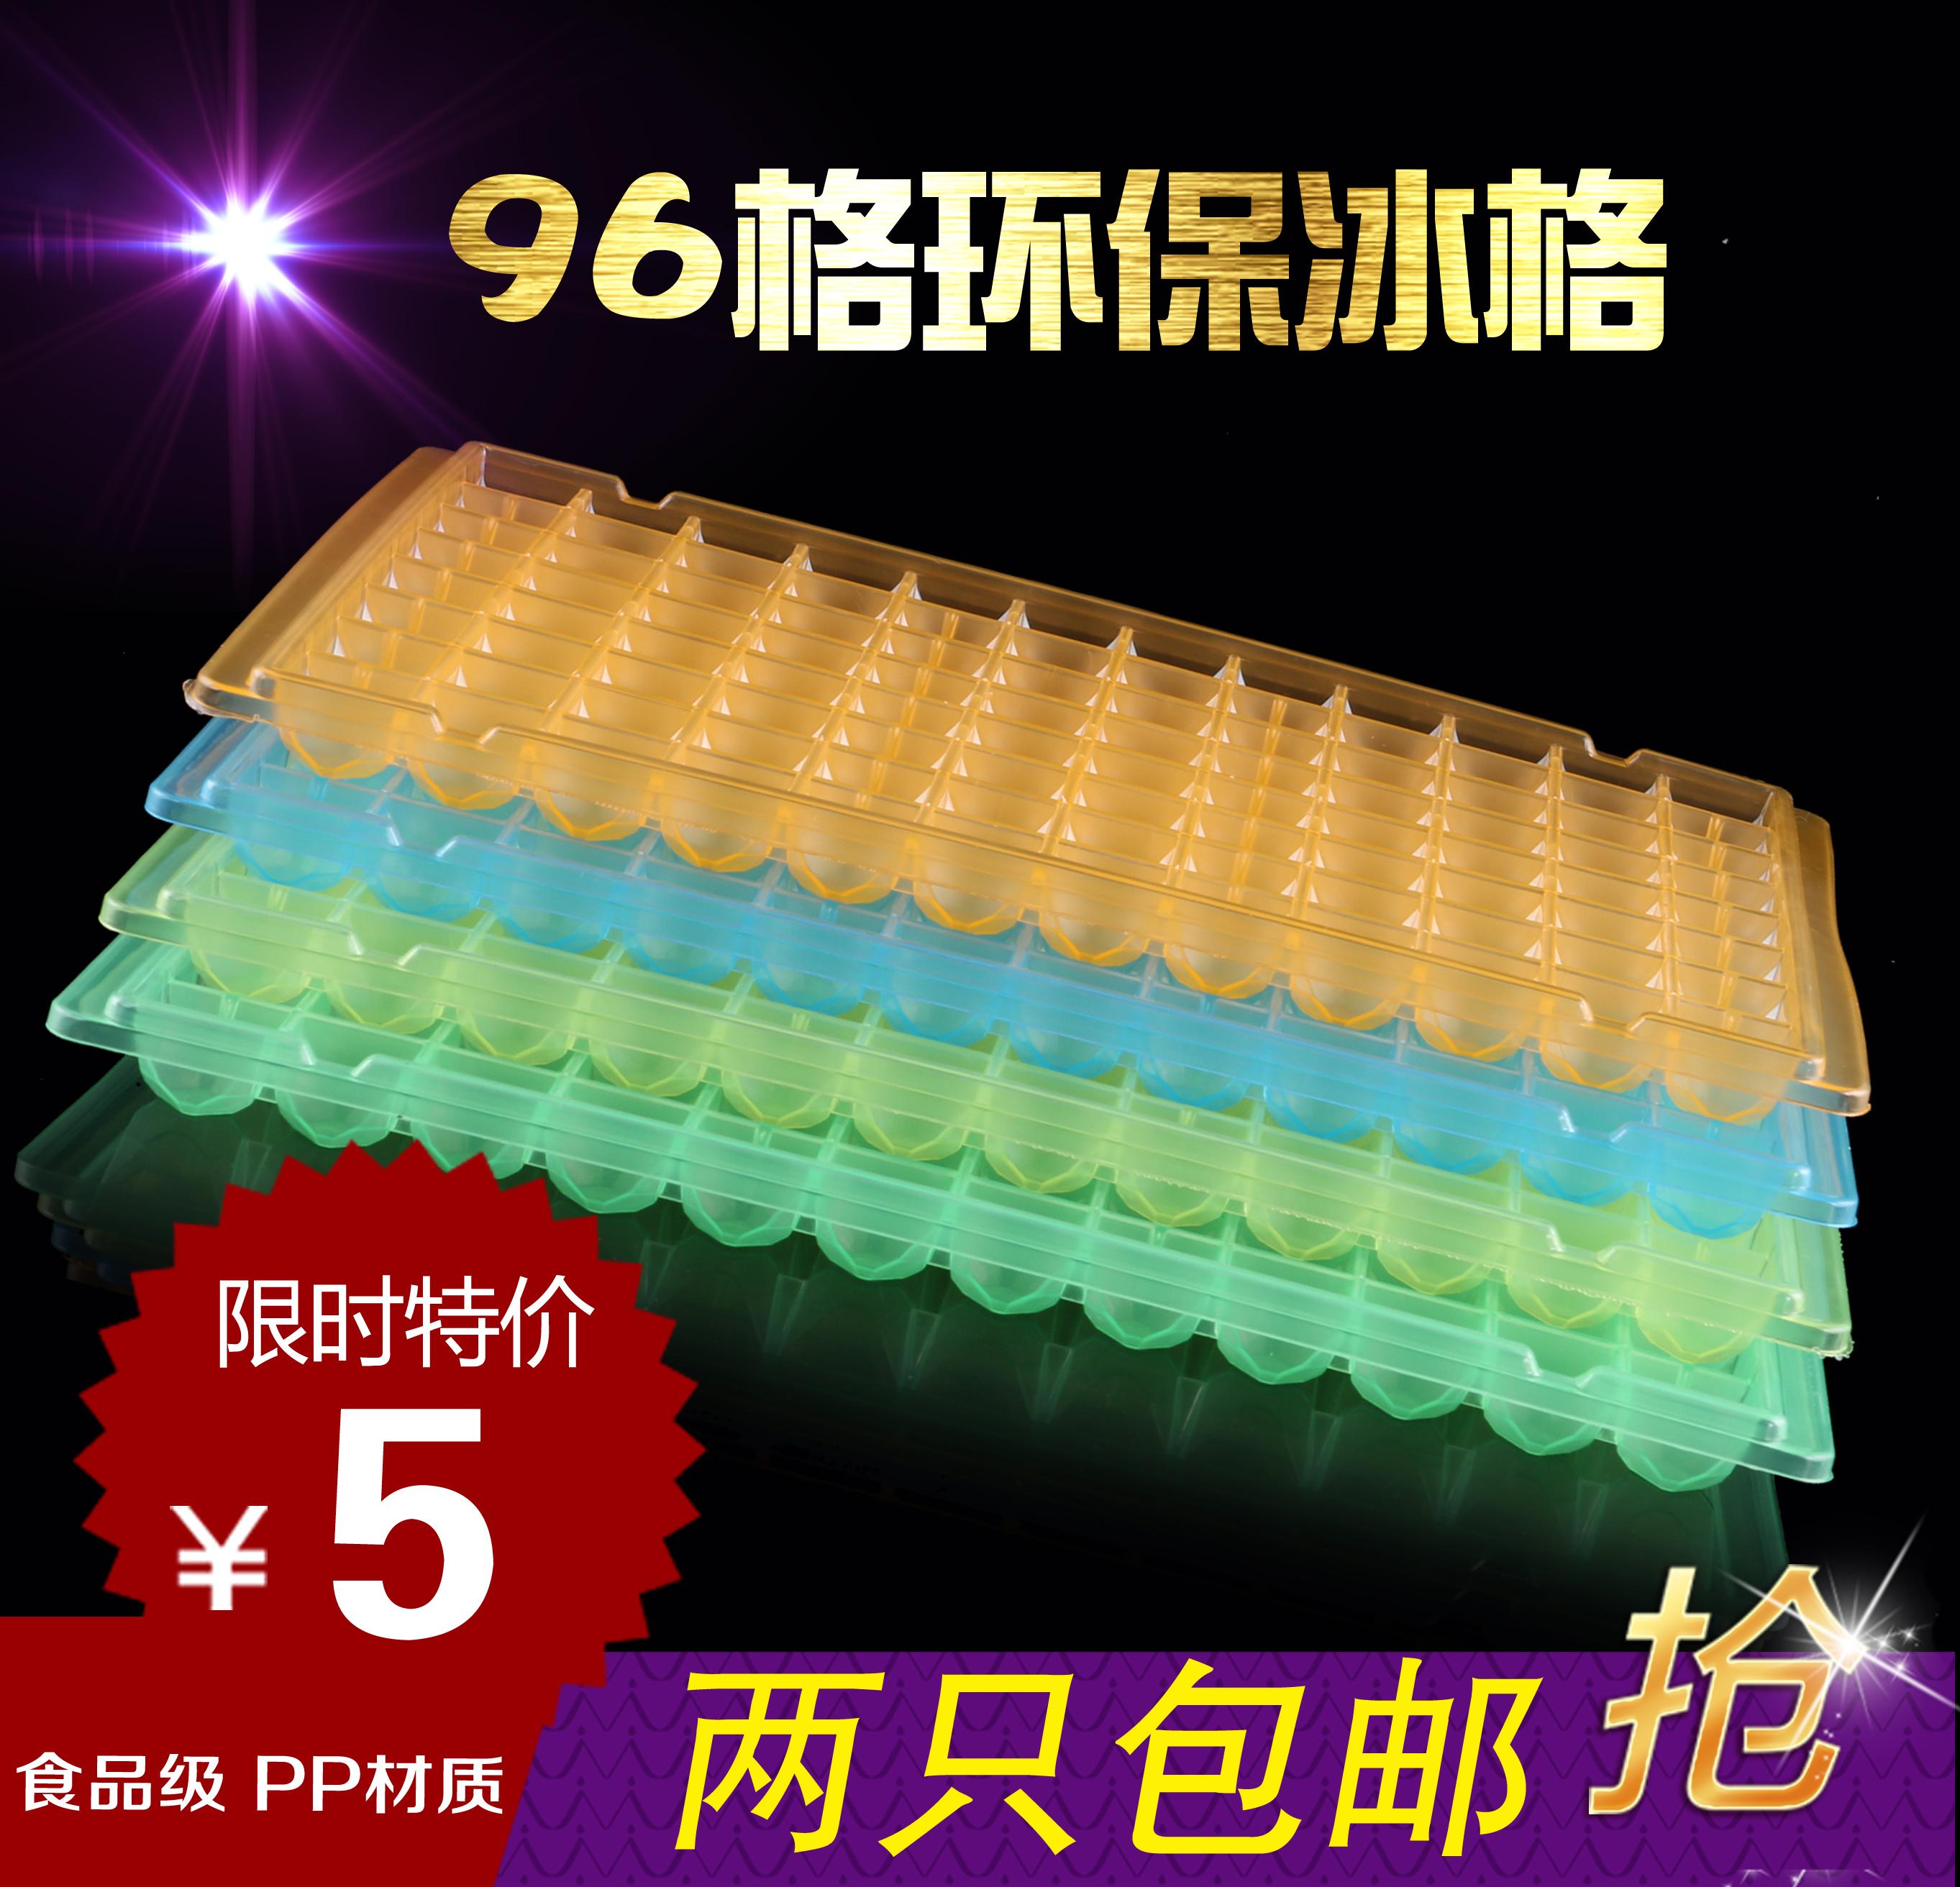 優質96格大鑽石冰格創意冰模冰塊盒製冰模具盒製冰器凍冰塊